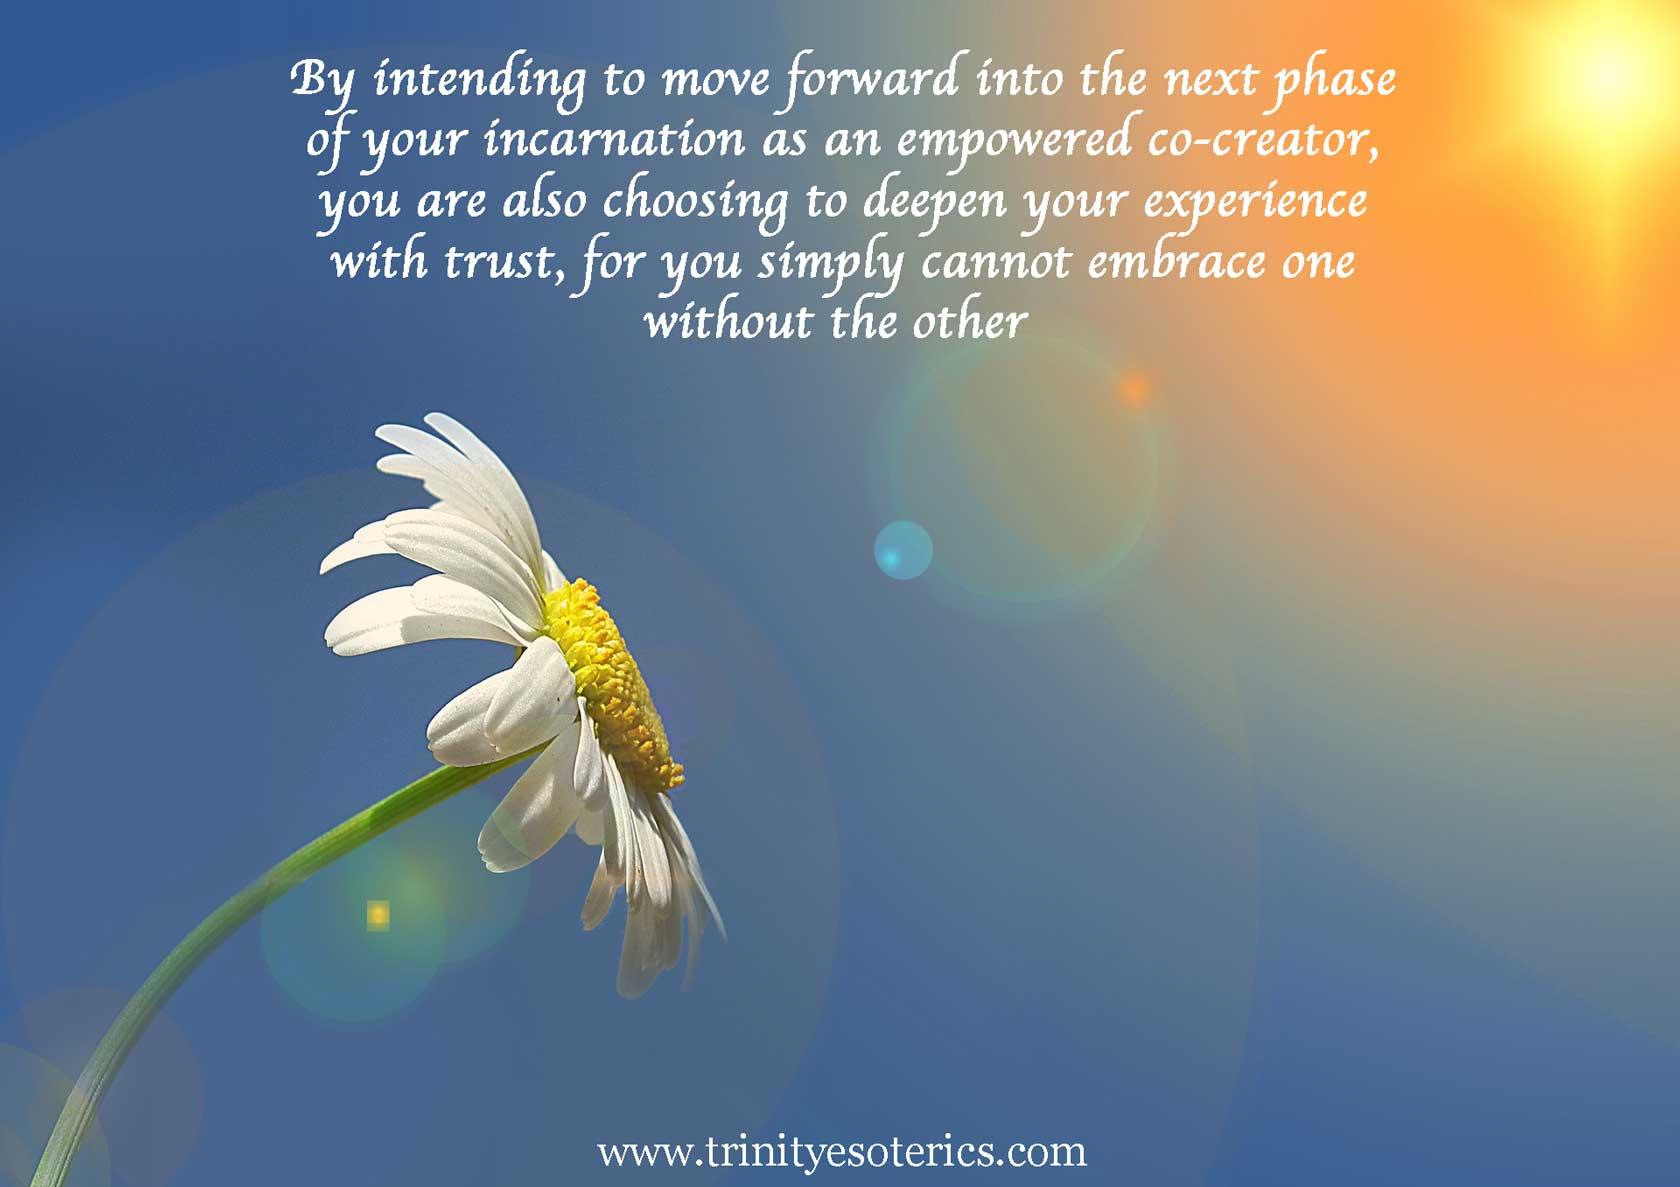 daisy reaching toward sun trinity esoterics